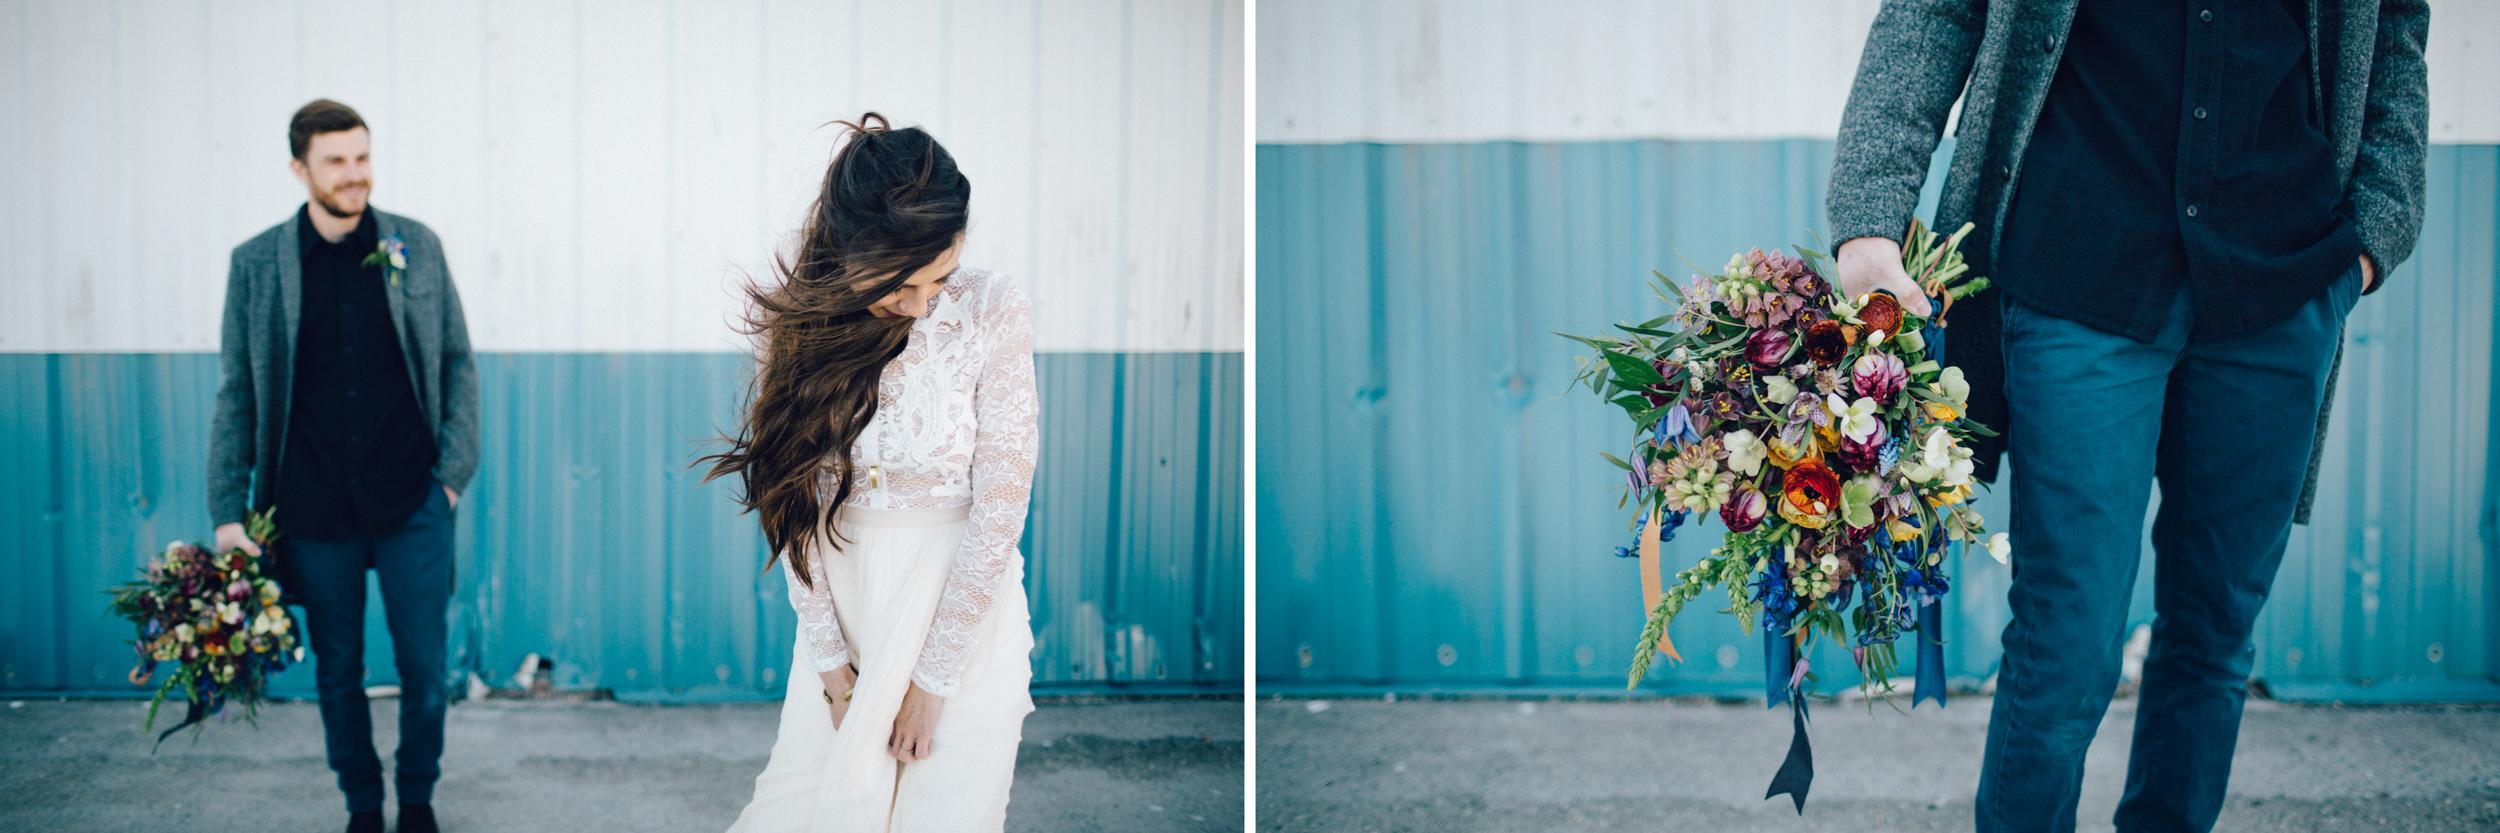 LFA_casco_bay_inspiration_elopement_shoot-0020.jpg